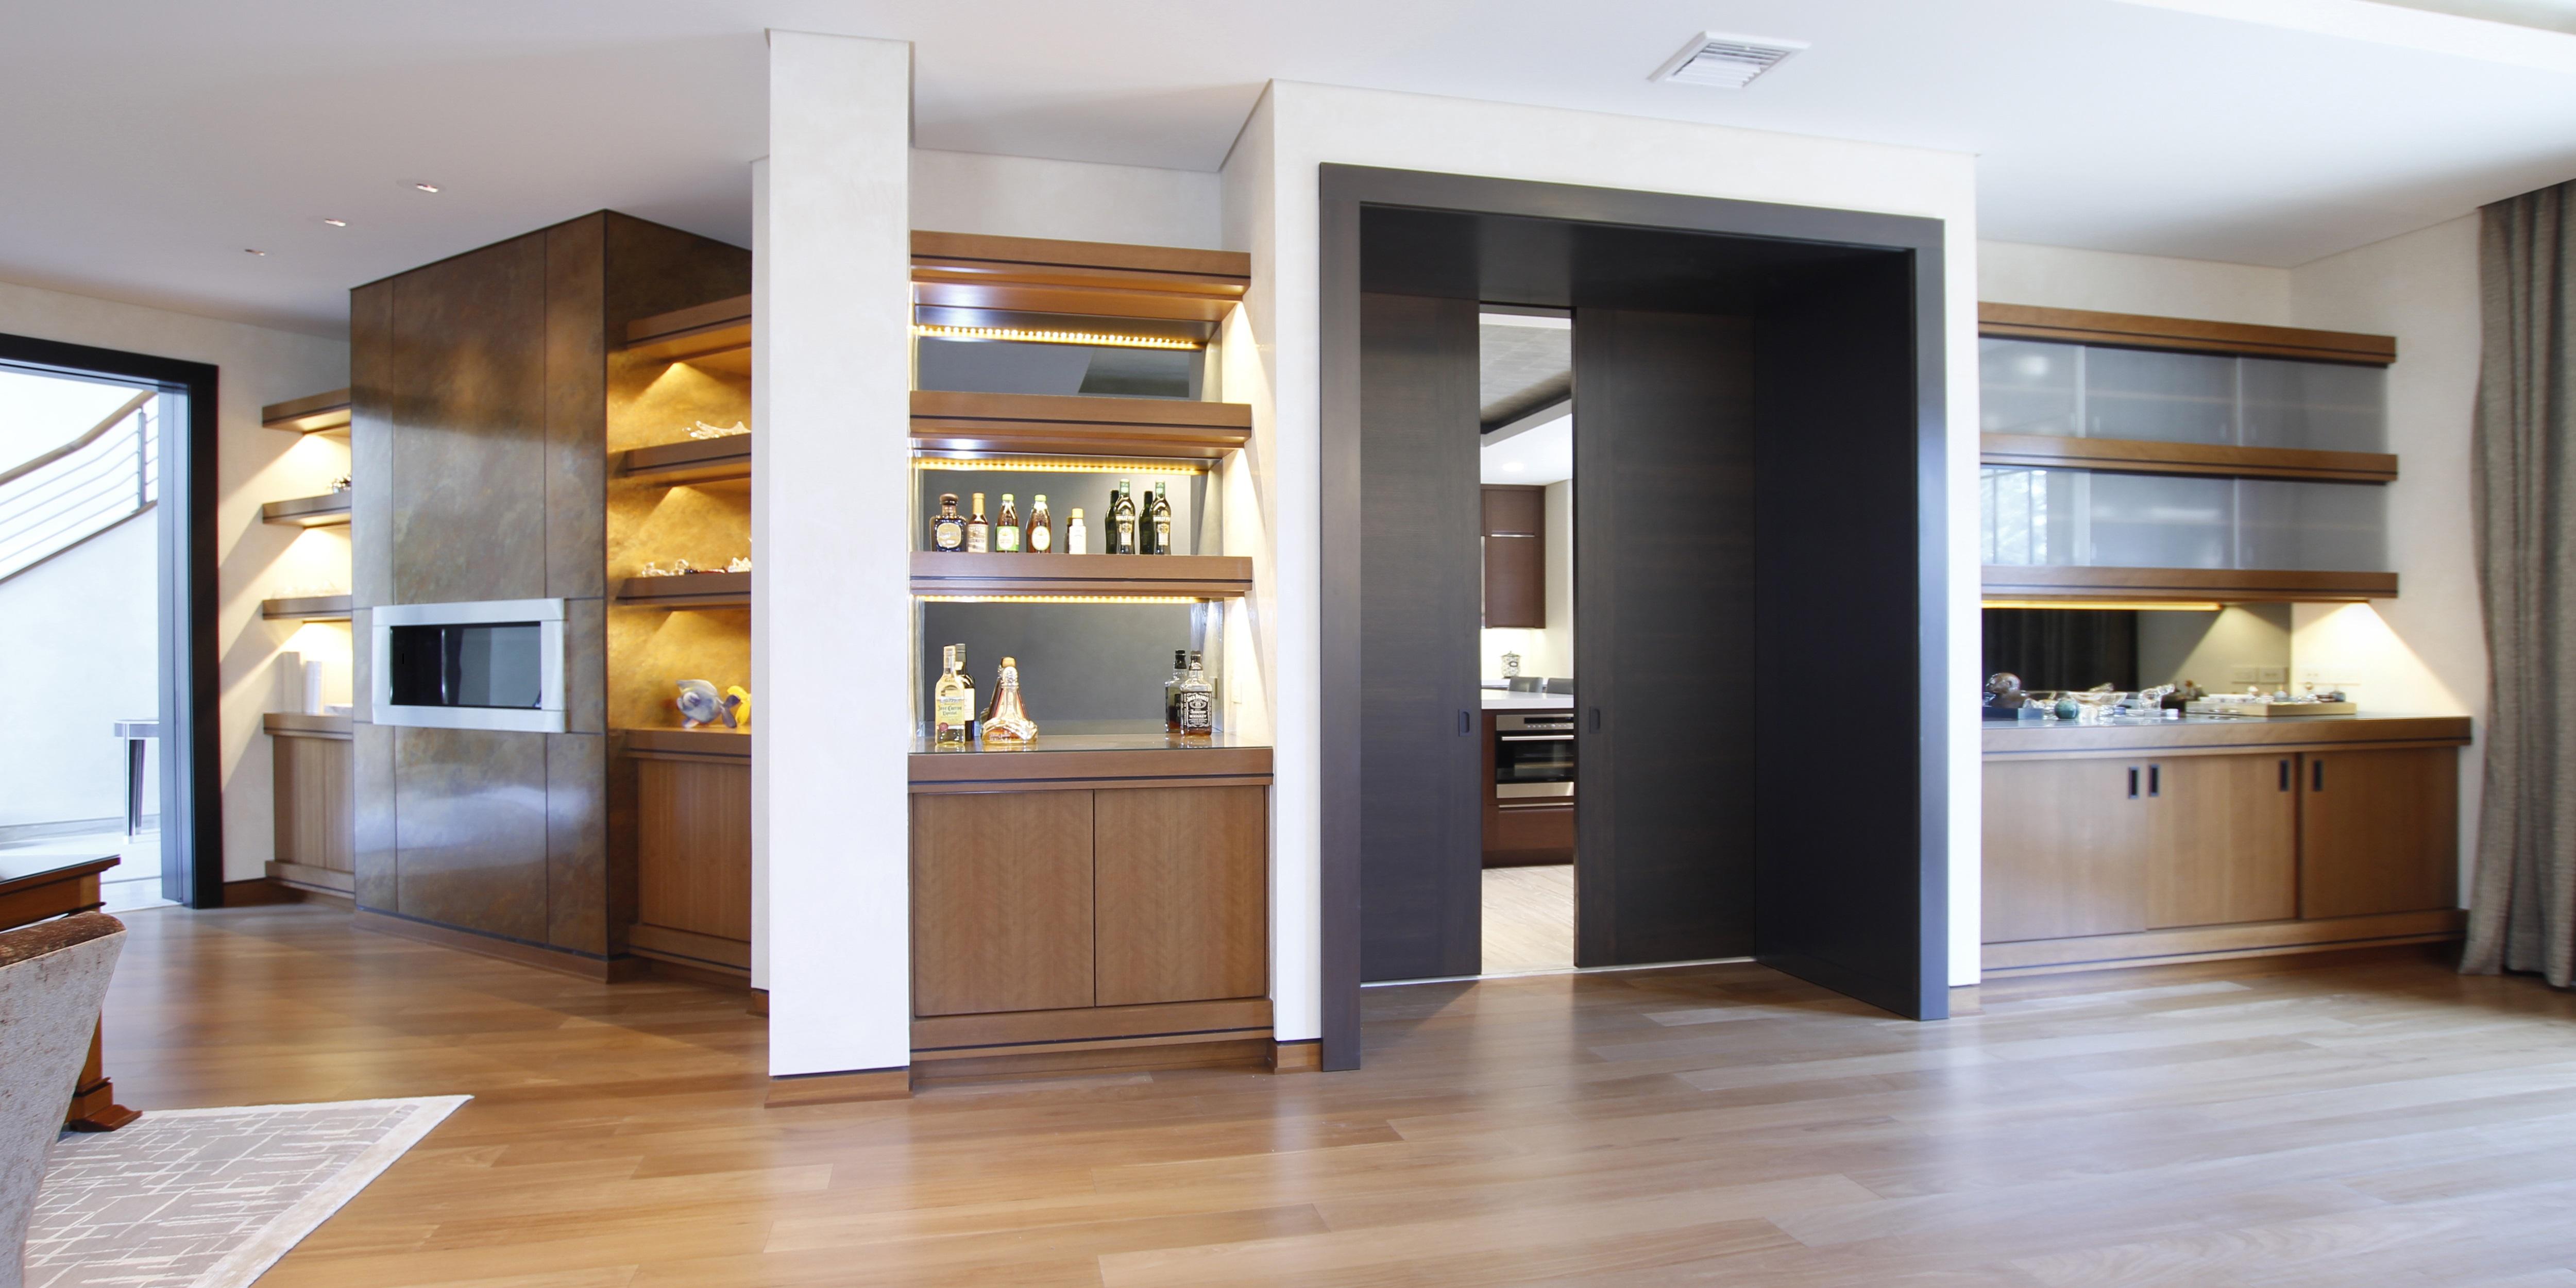 Kitchen and bath design income